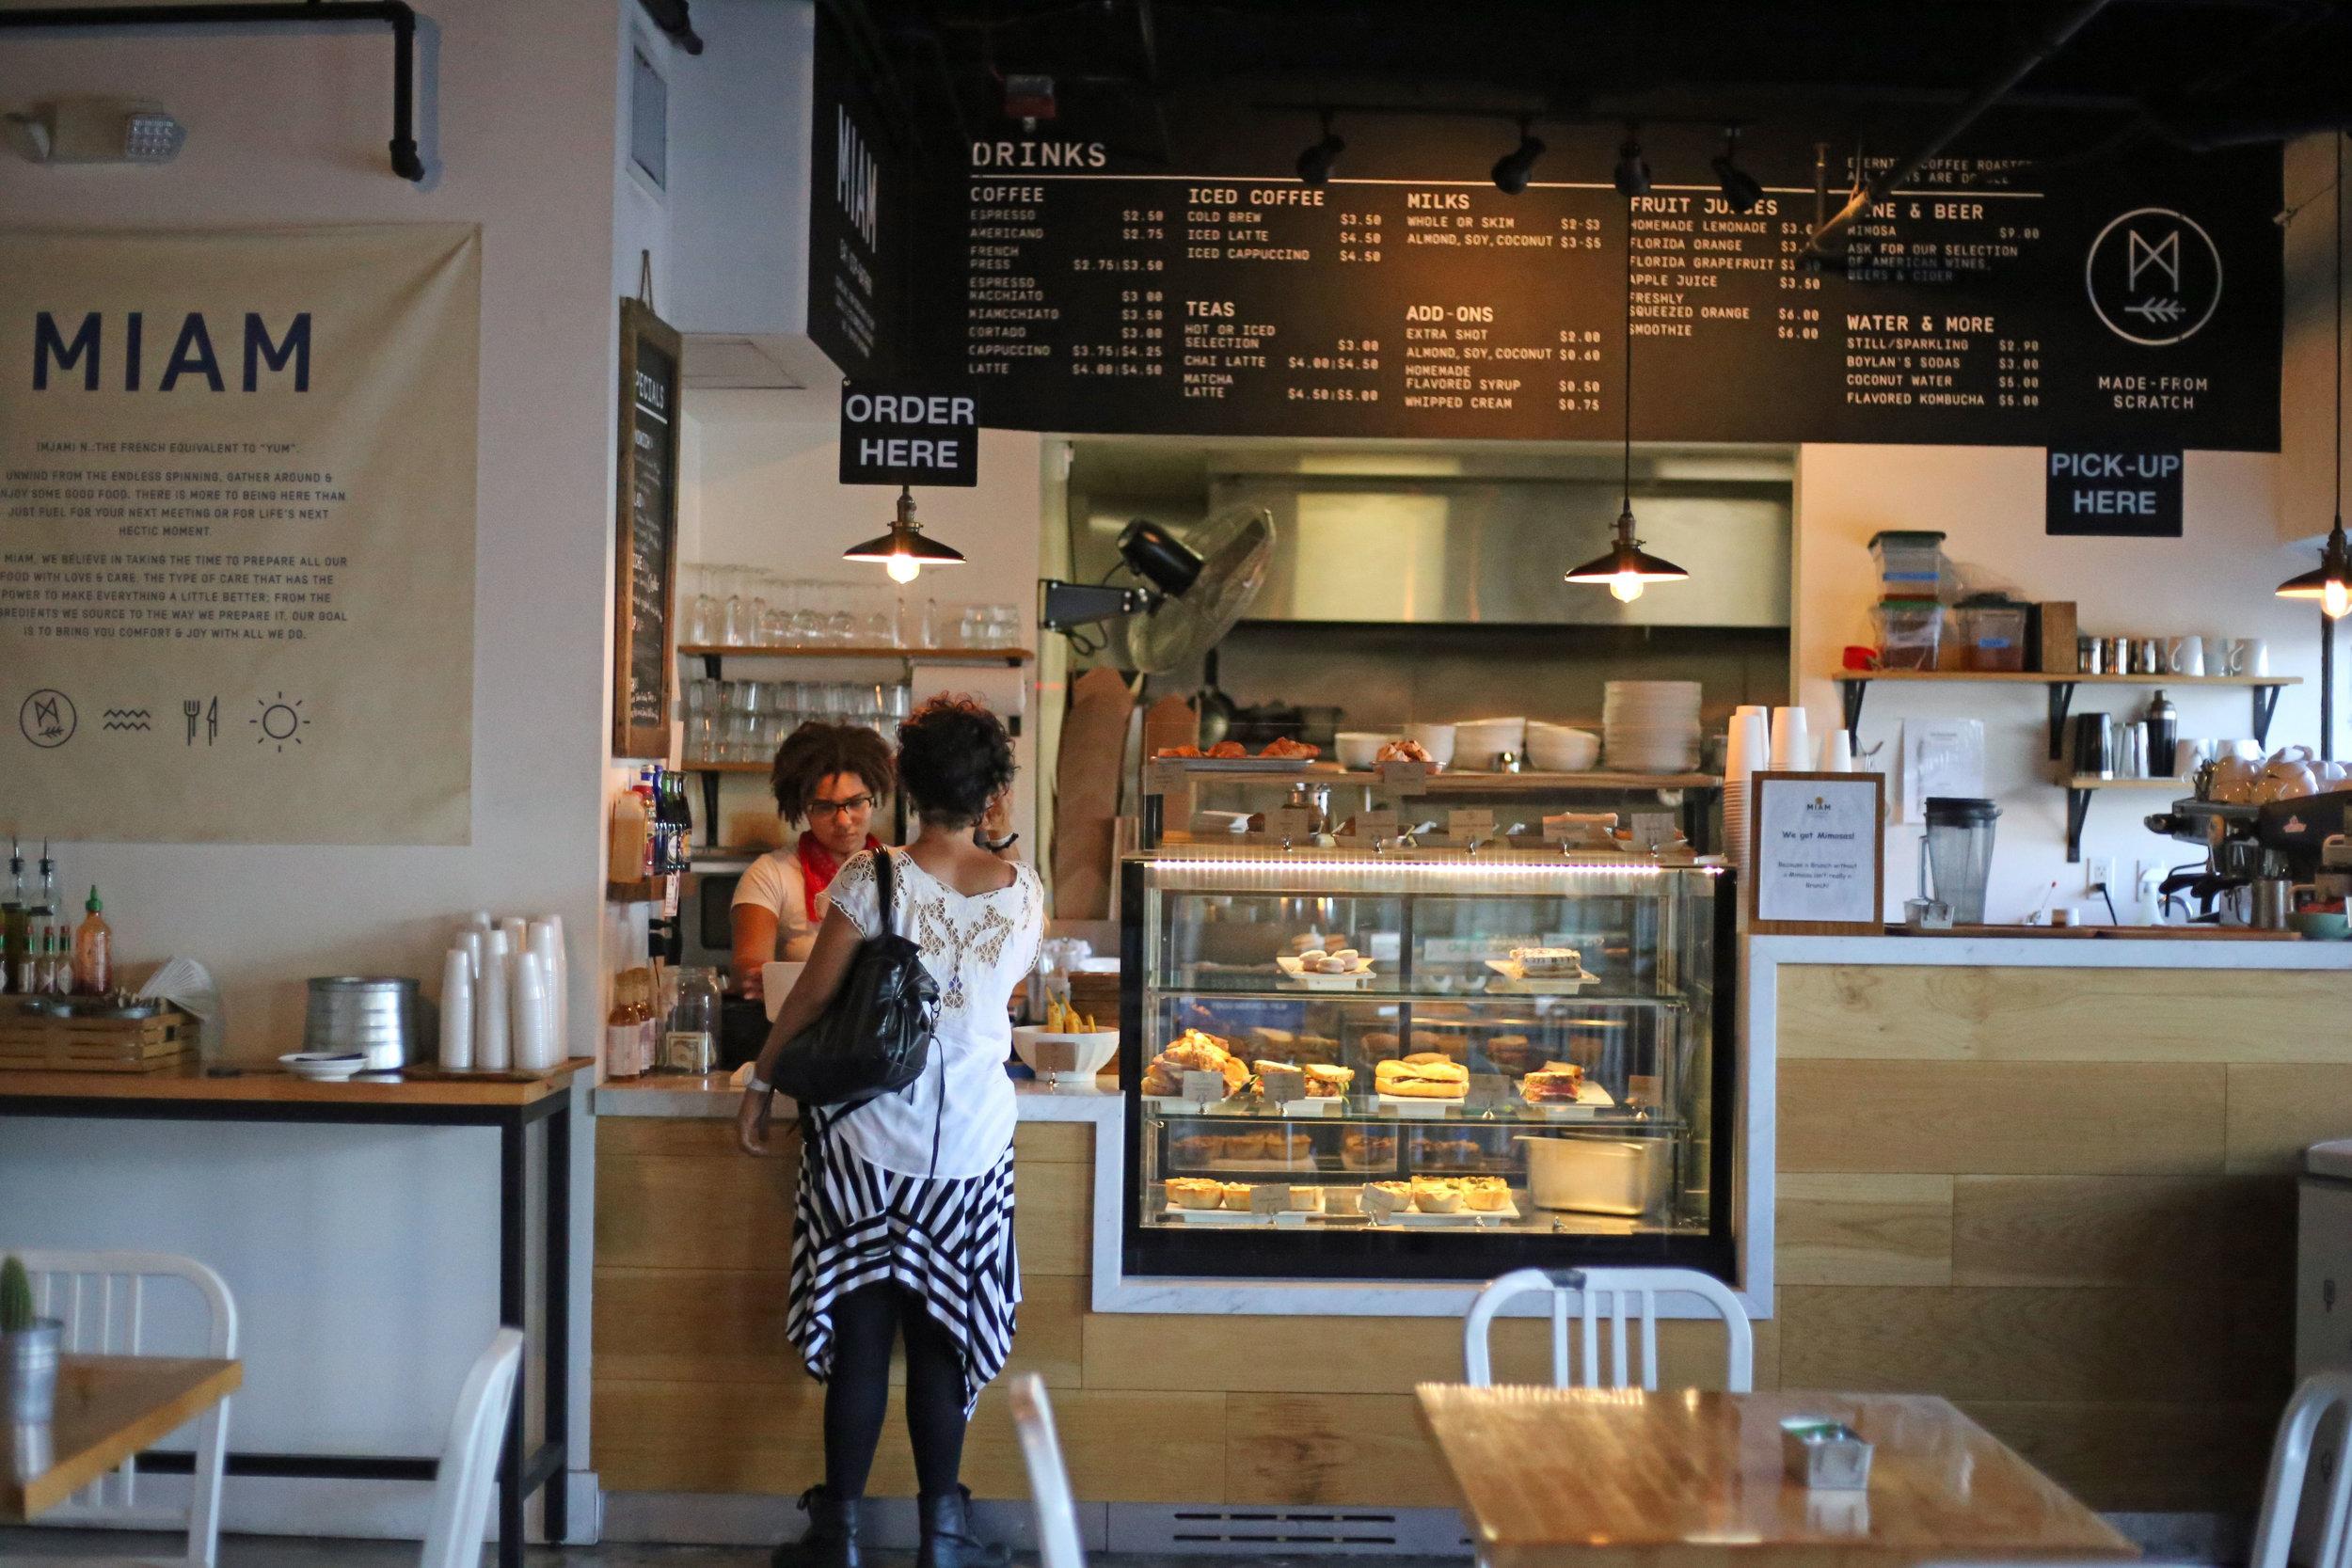 Miam_Coffee_Interior_Miami.jpg